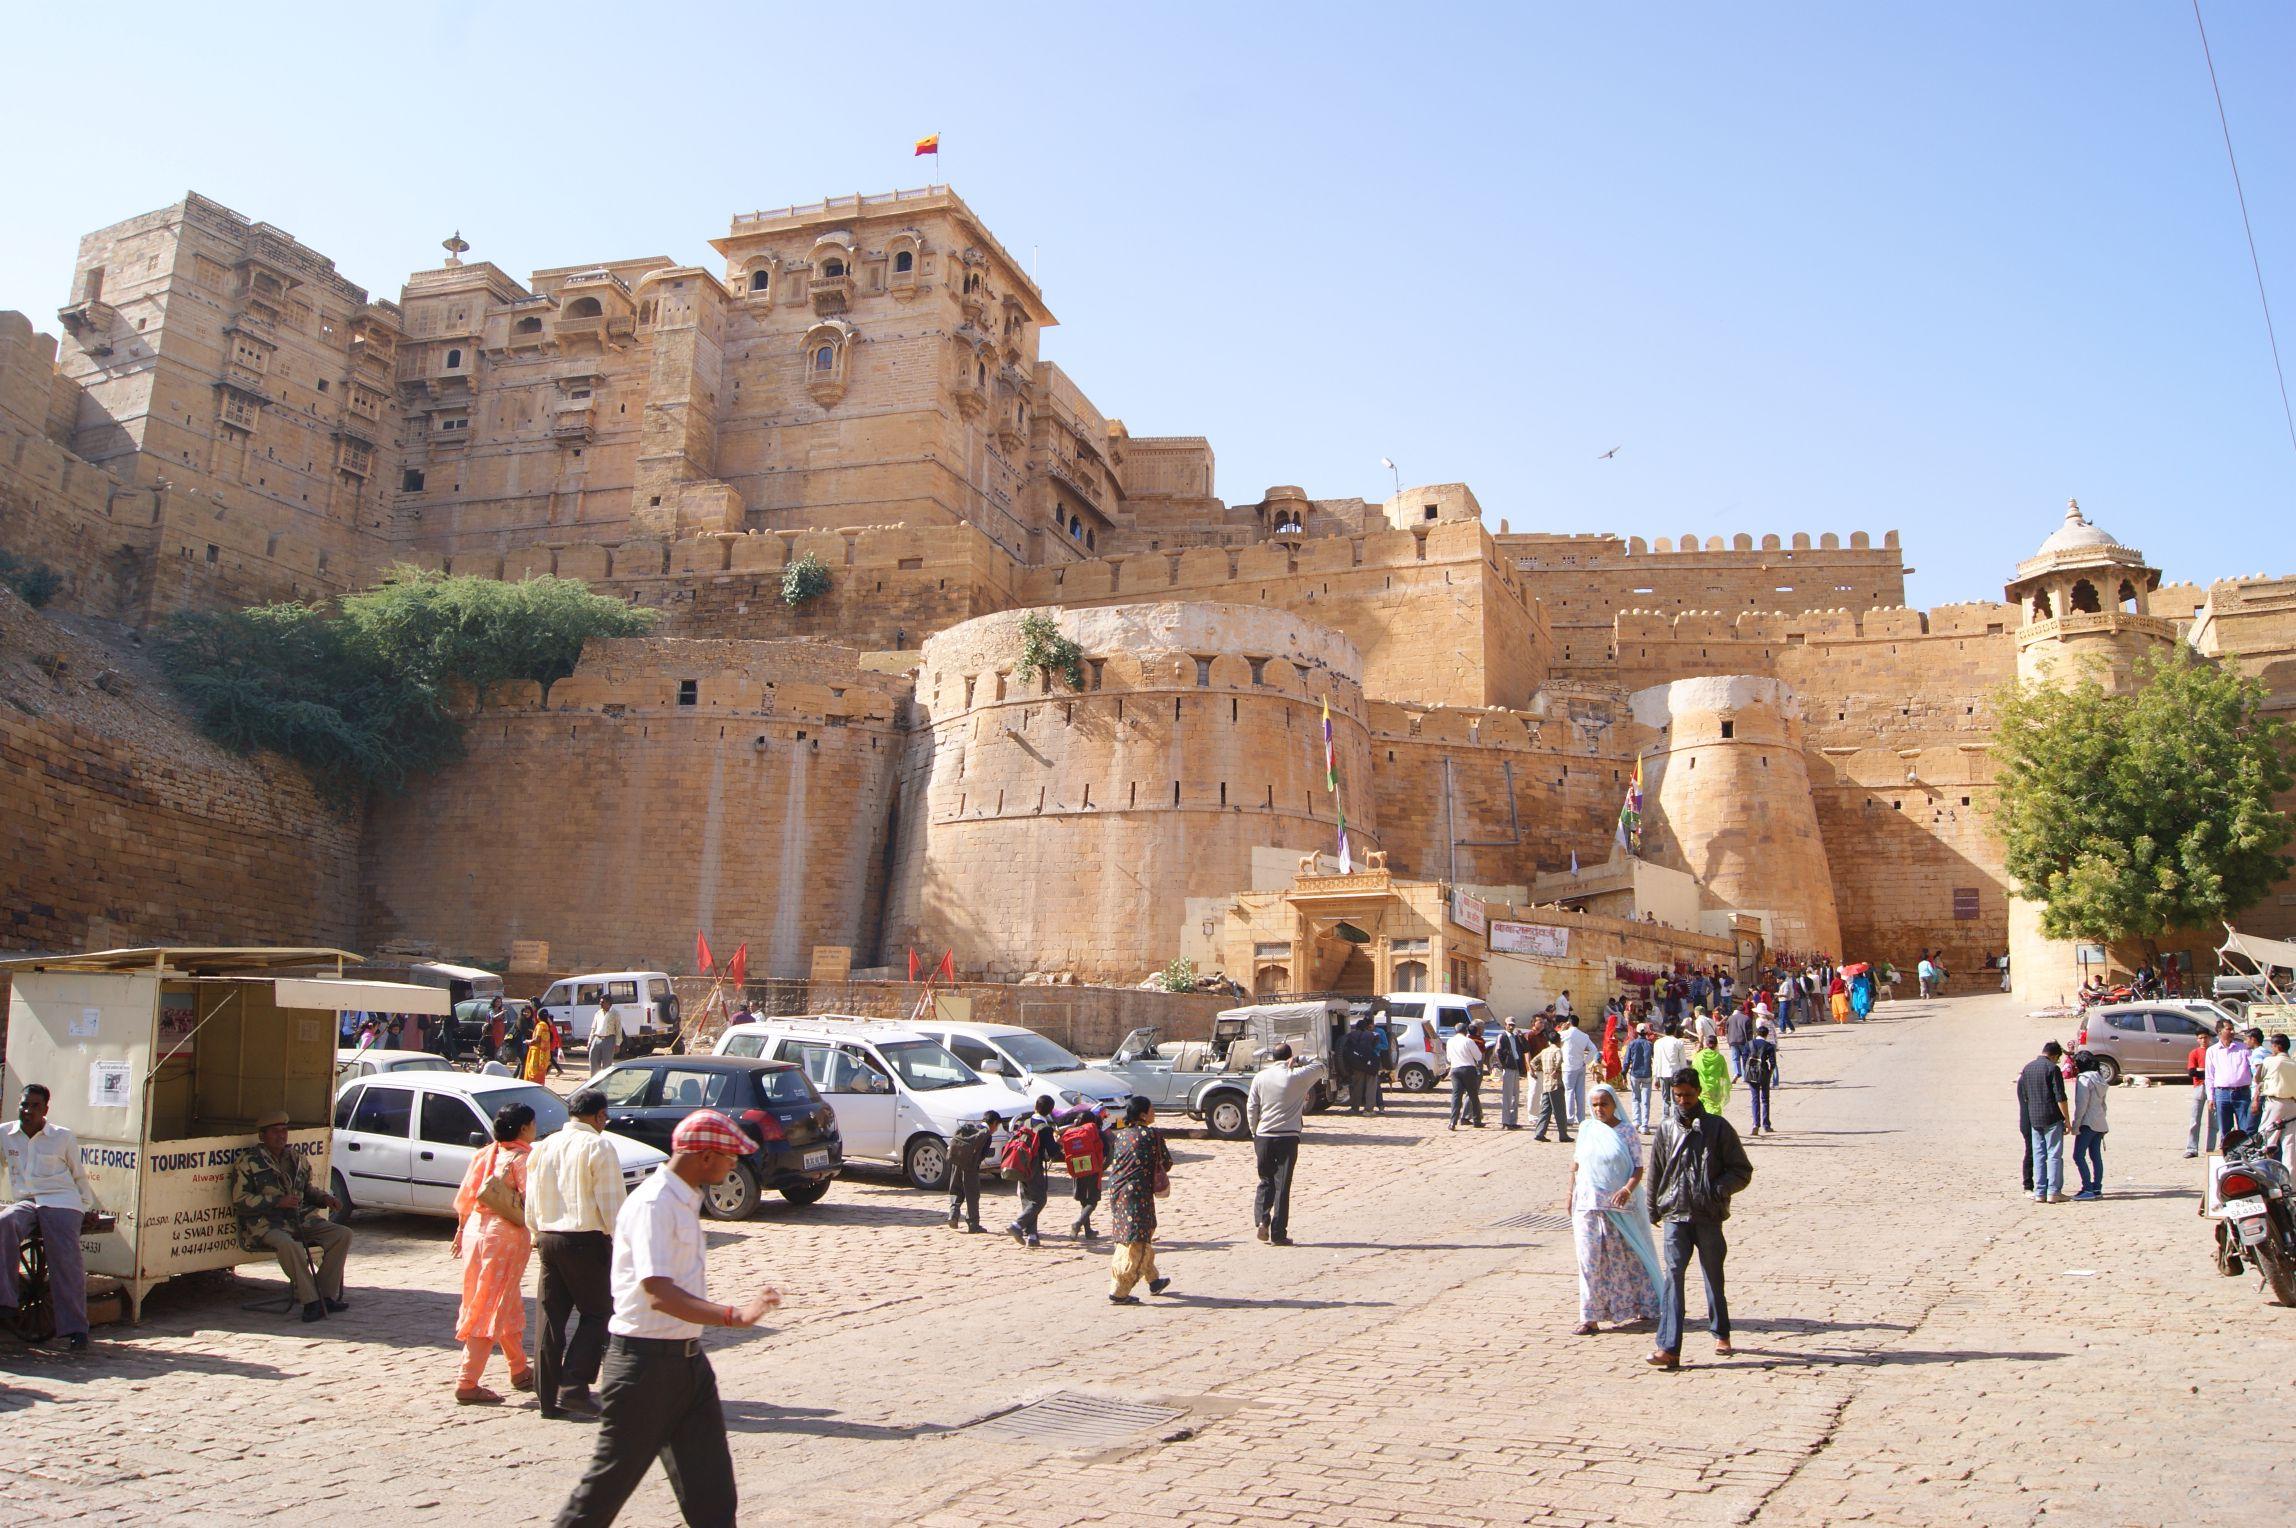 Jaisalmer Fort   Sonar Fort, Jaisalmer